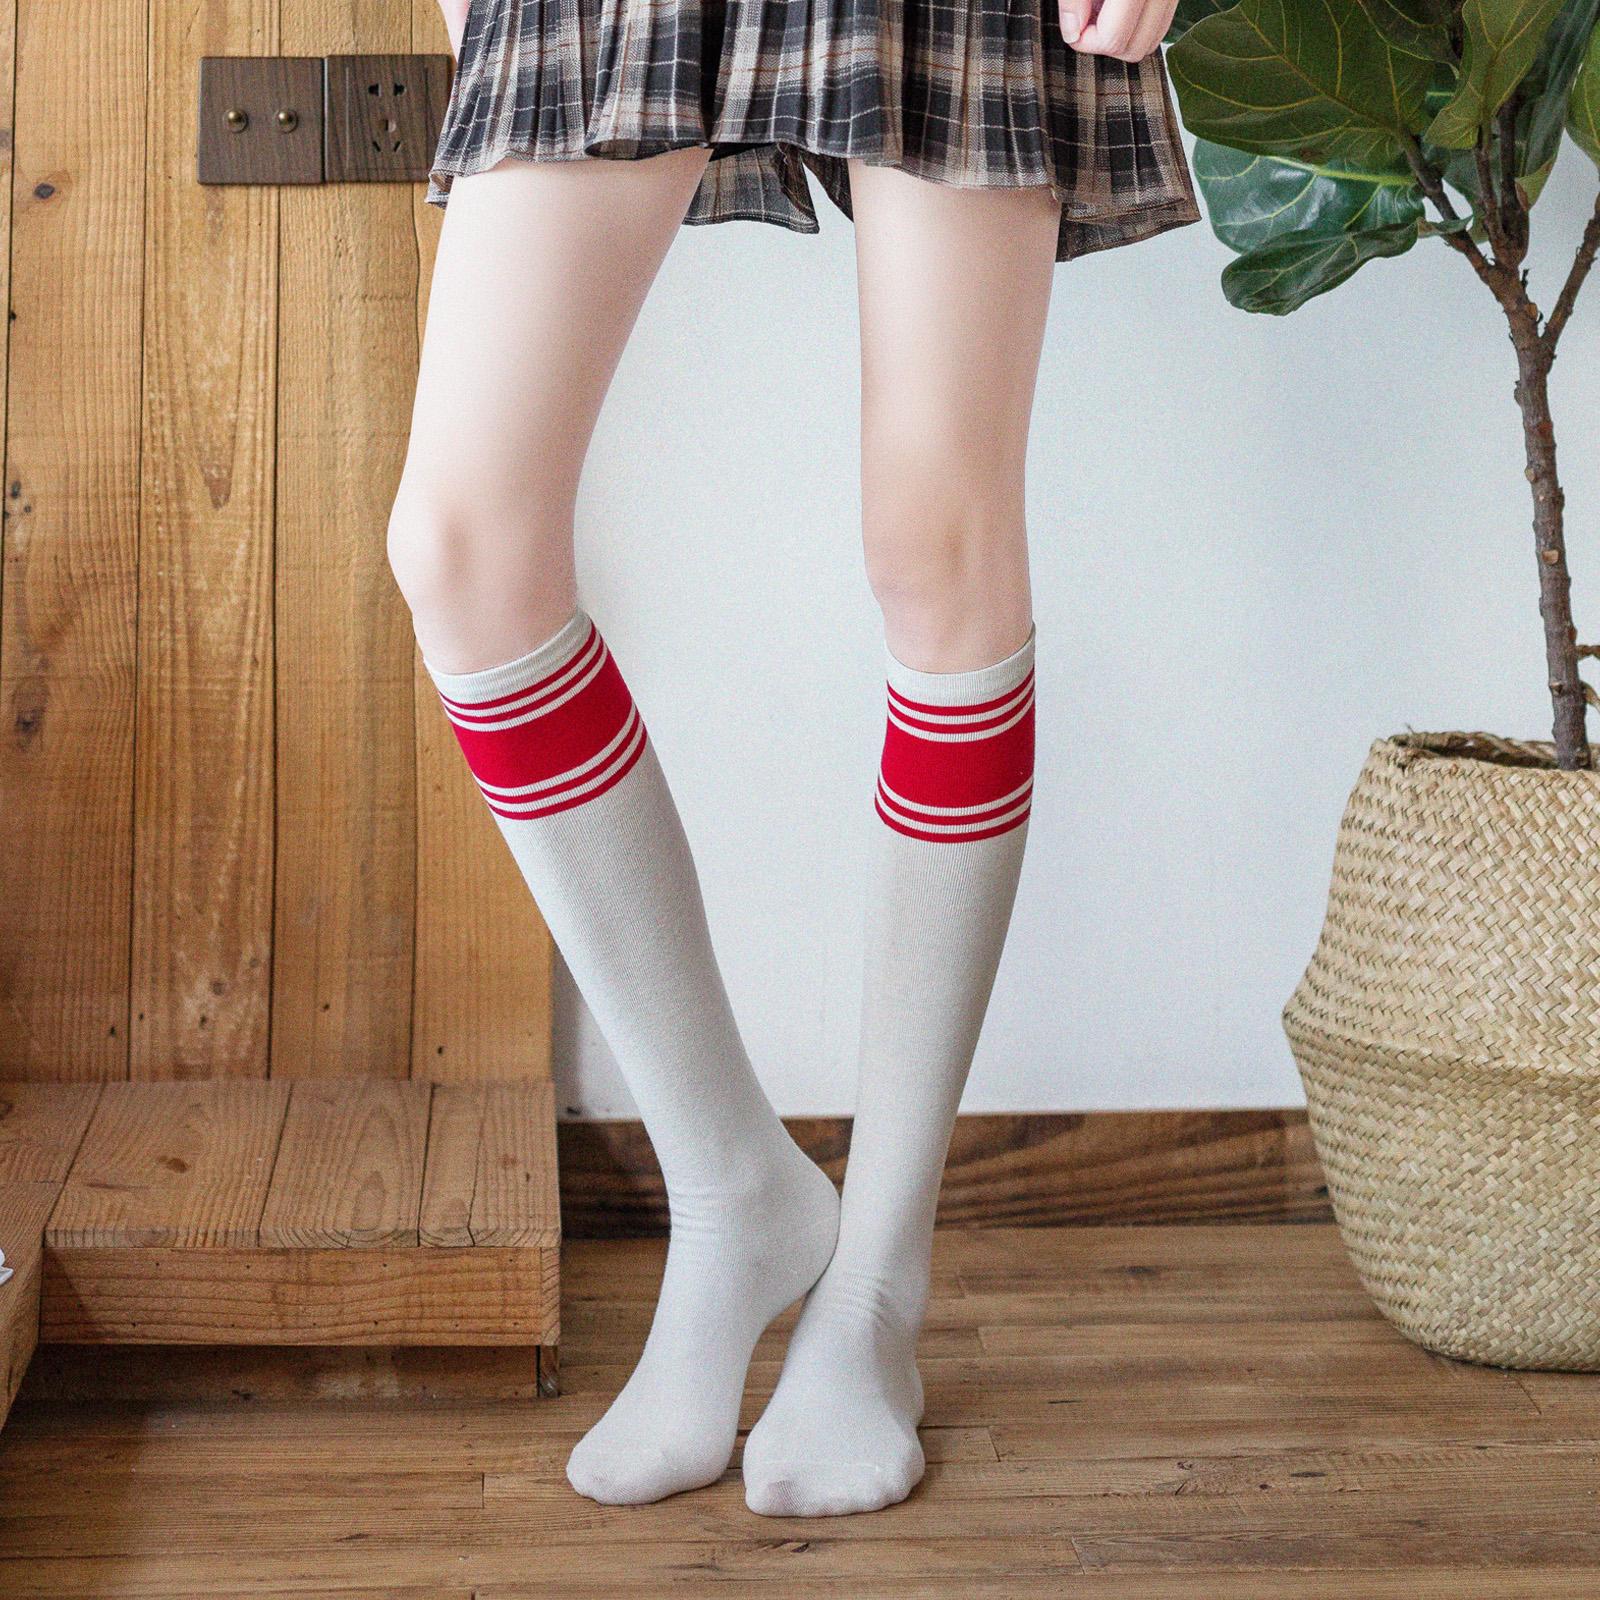 条纹袜子女小腿袜潮ins及膝袜韩国学院风日系学生长筒袜夏季薄款